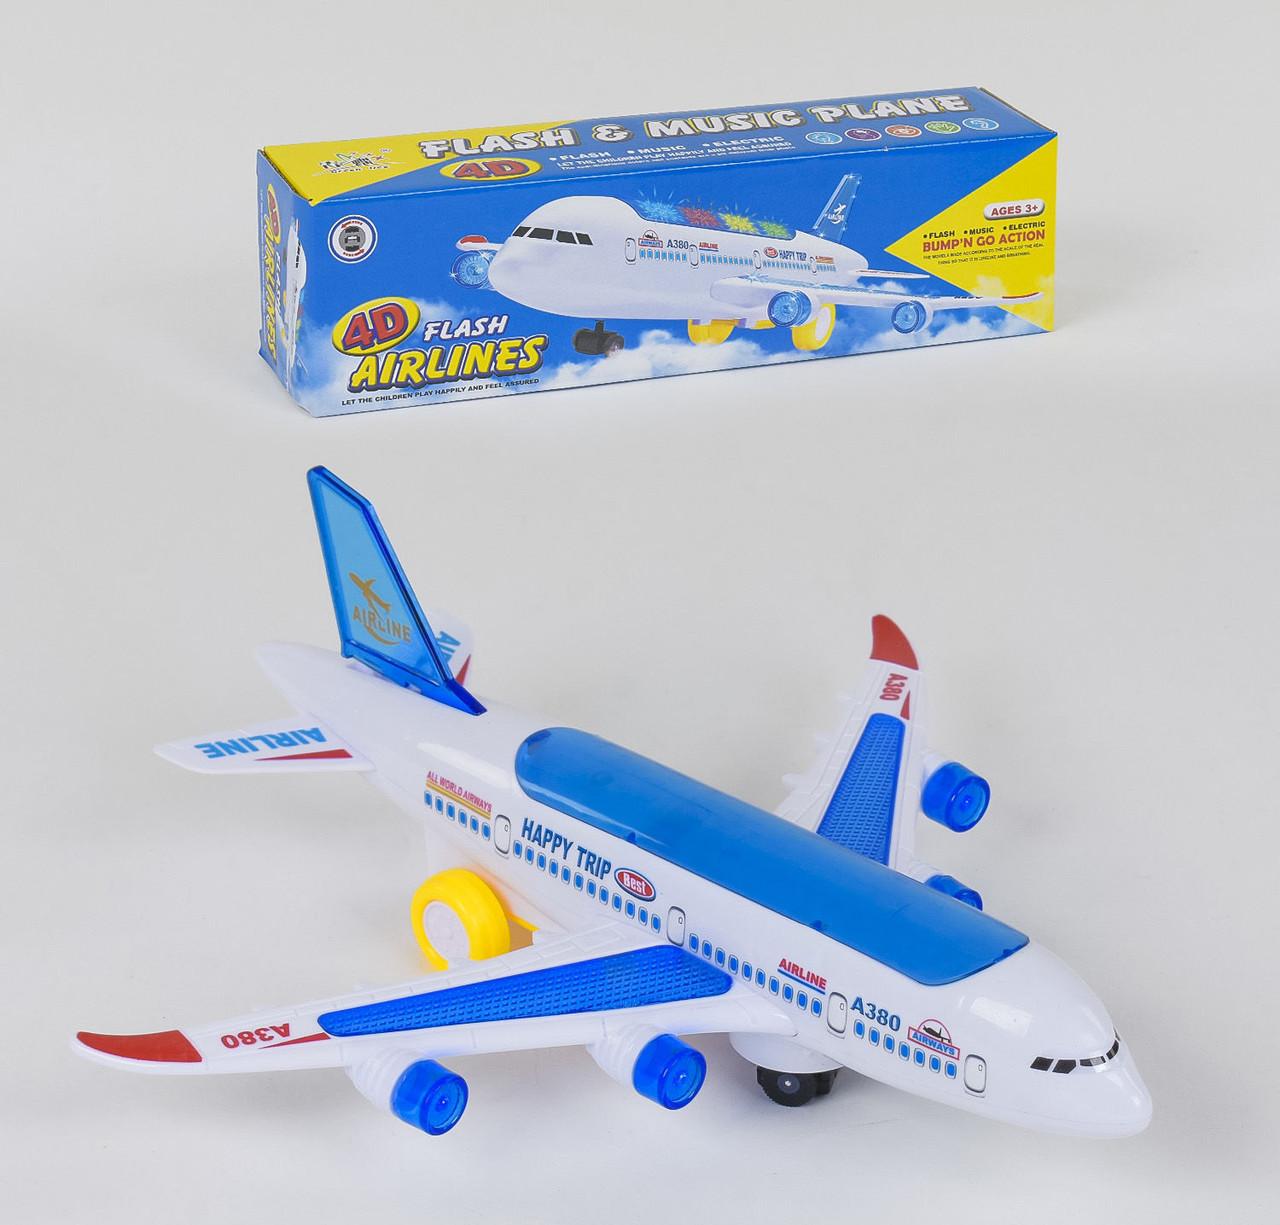 Самолет на батарейках Small Toys А 380-600 со светом и звуком Белый с синим (2-78899)